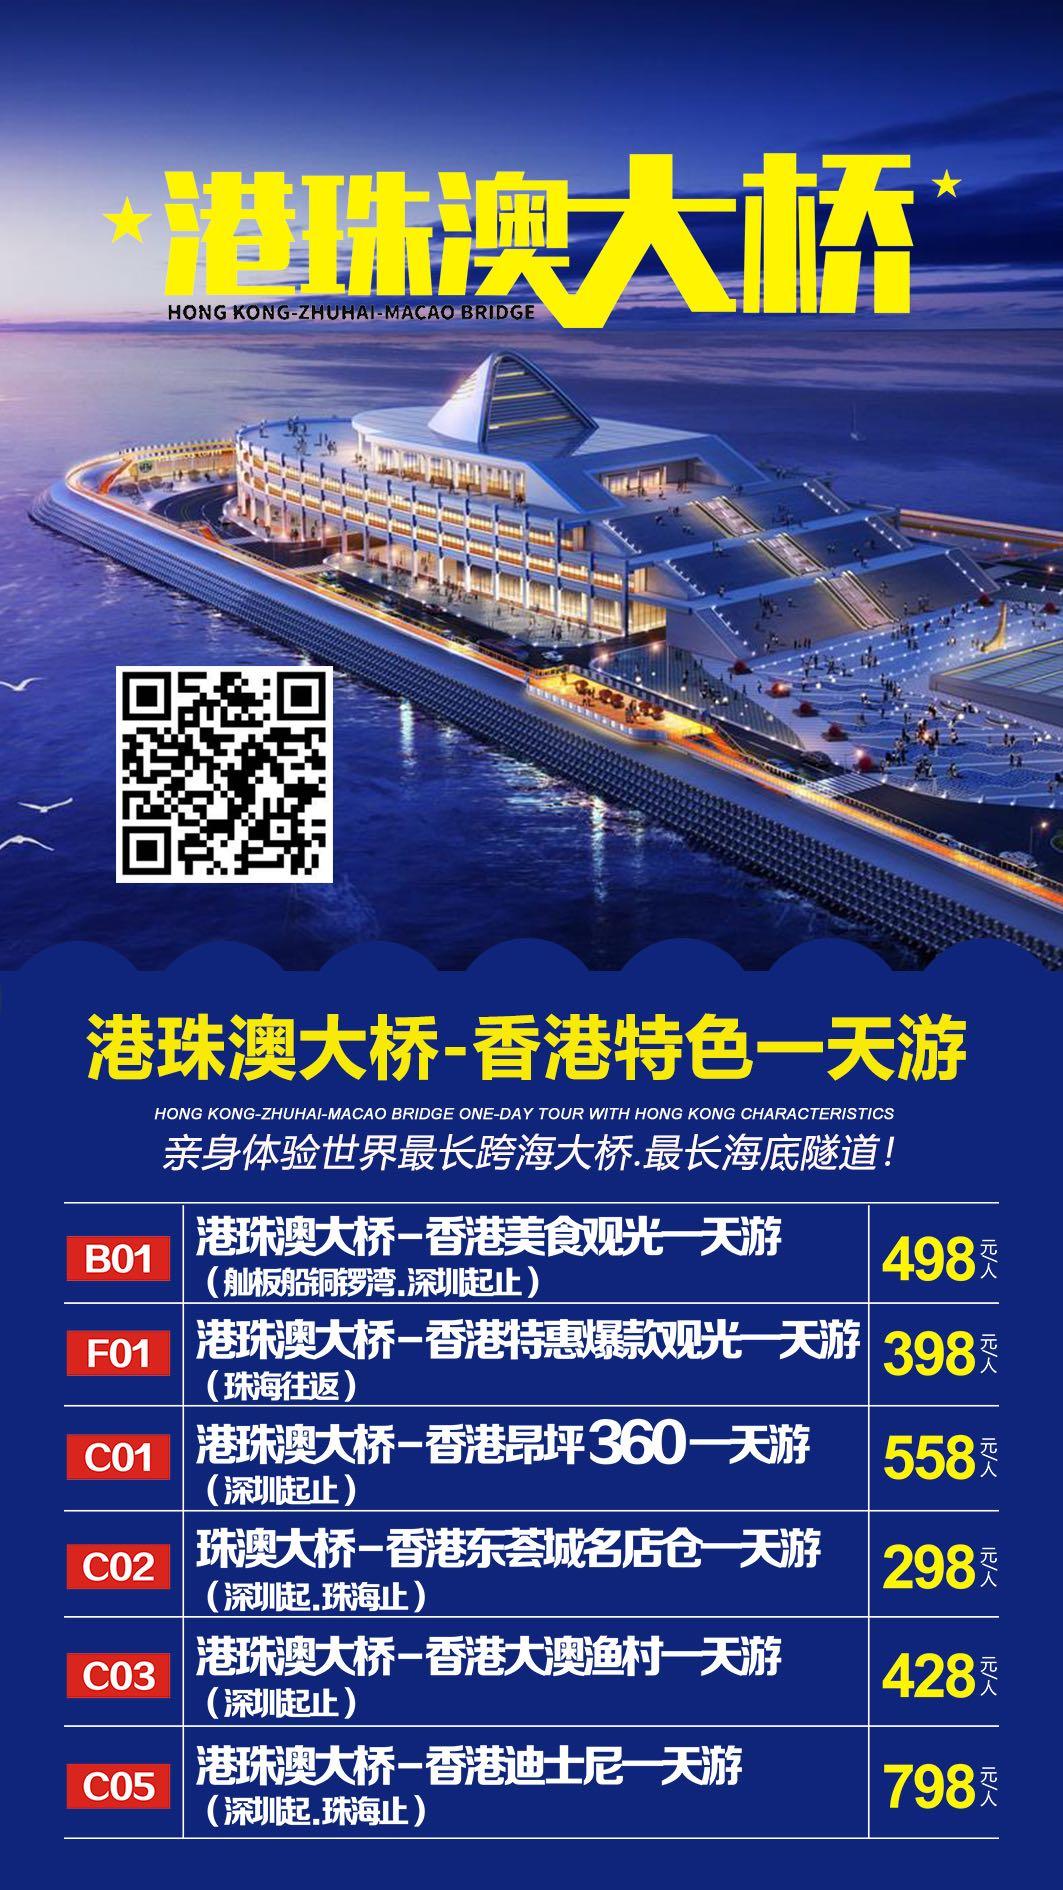 【港珠澳大桥一天游】香港特色一天、亲身体验世界最长跨海大桥、最长海底隧道